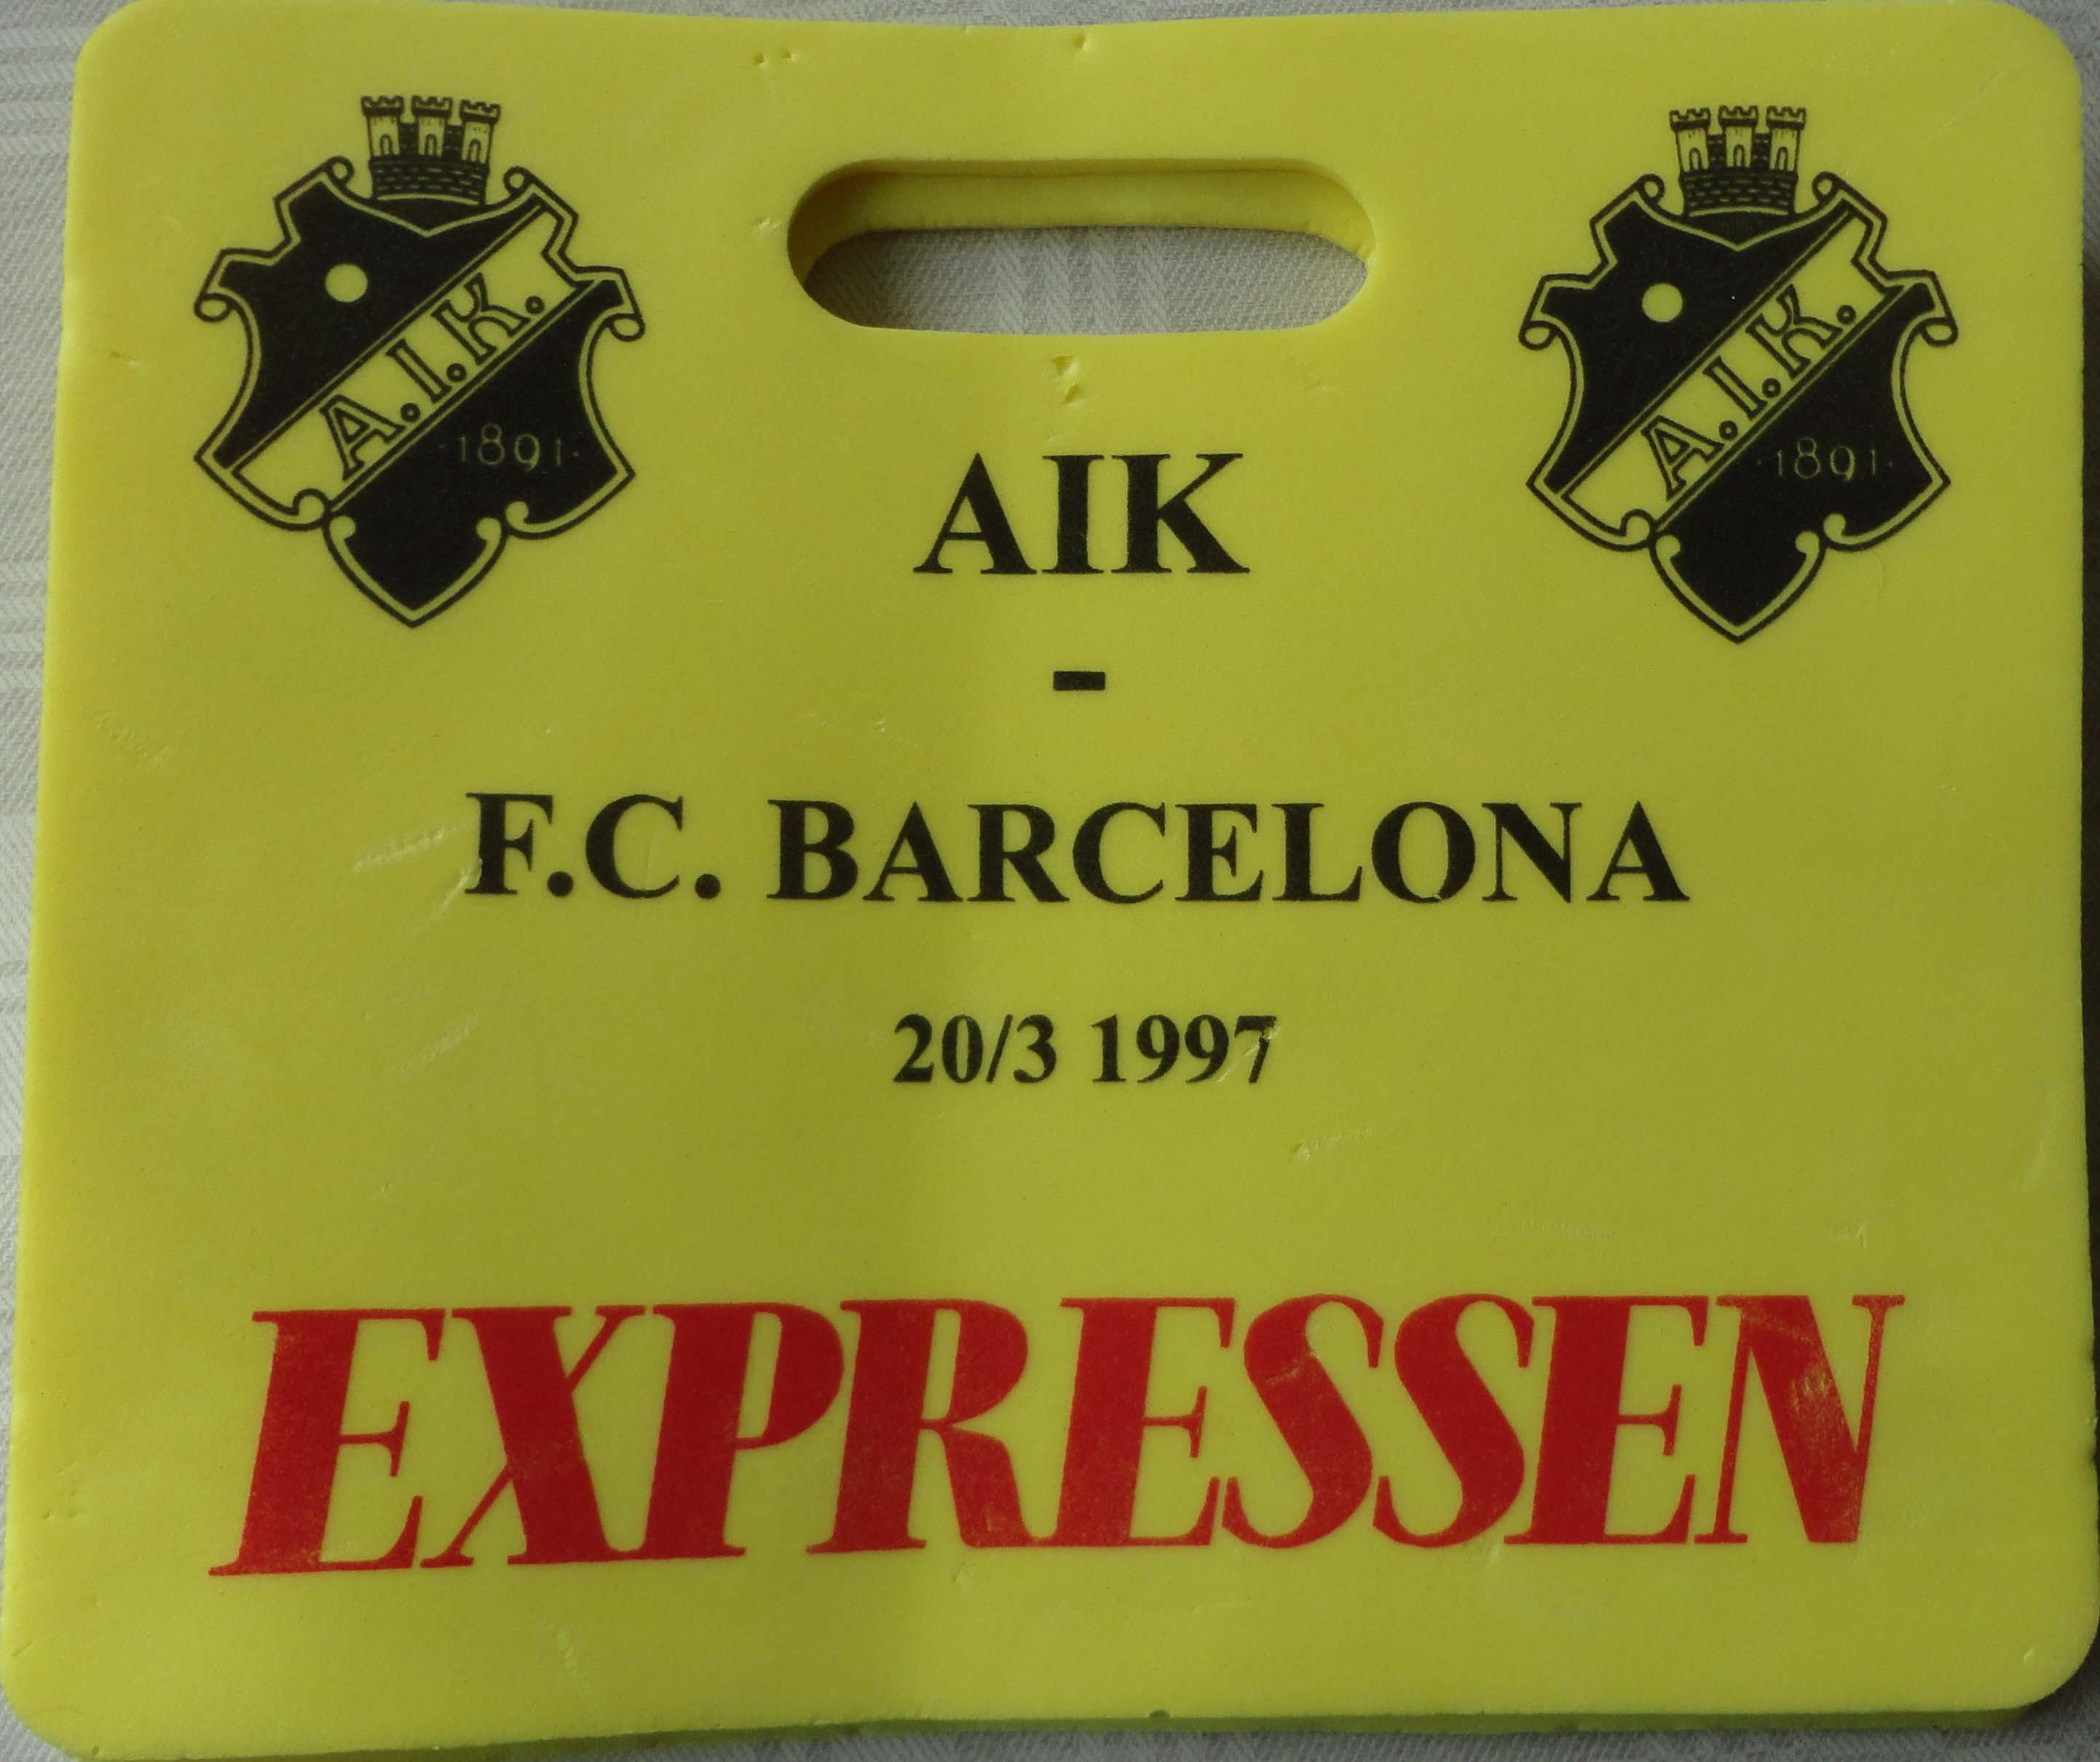 A.I.K. - Barcelona 1997-03-20